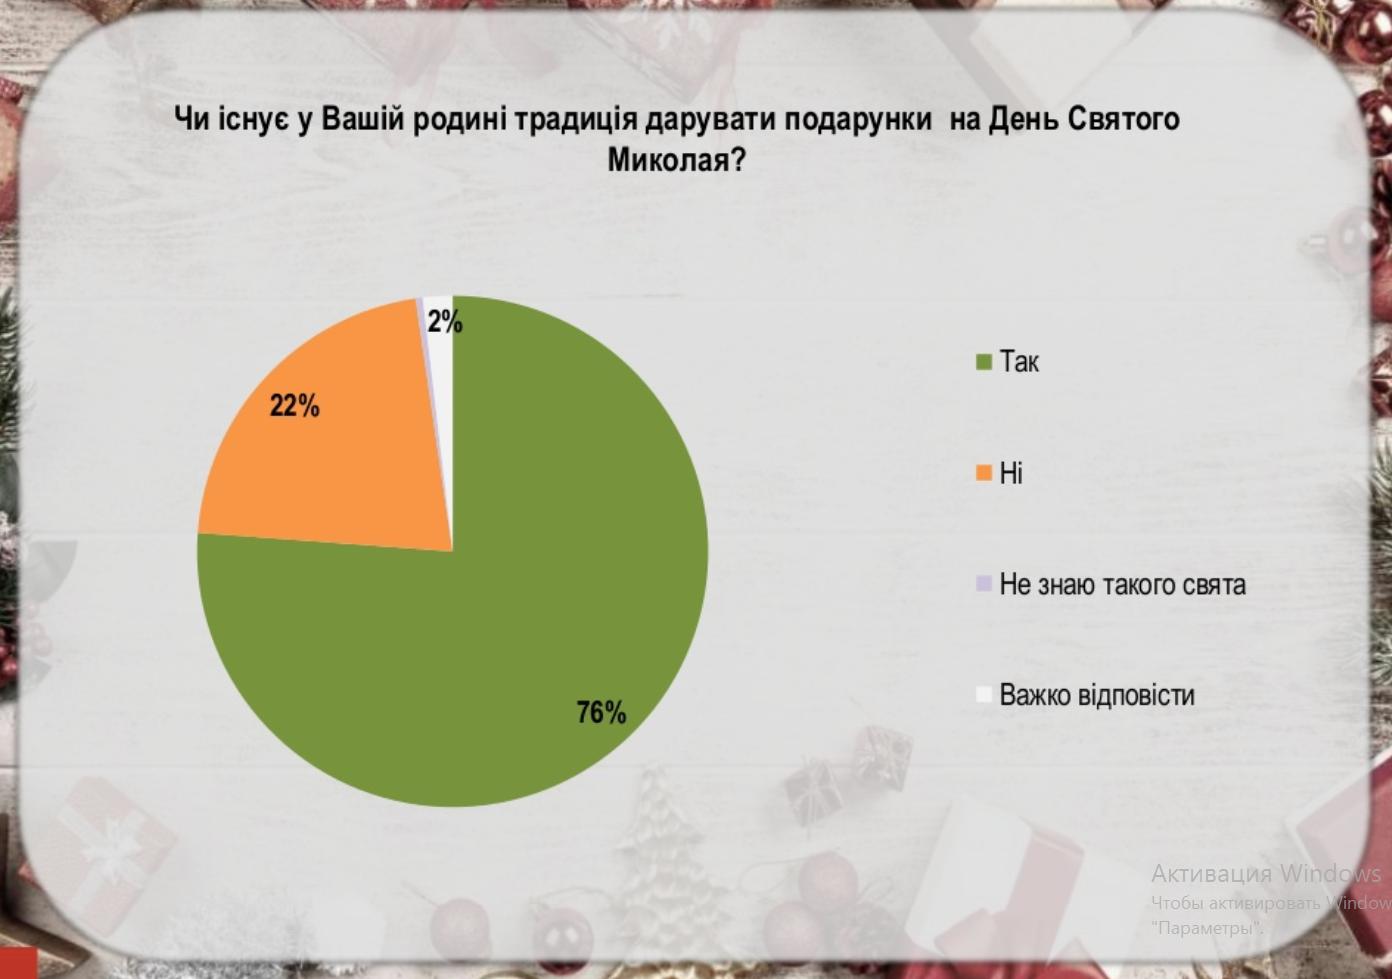 75% украинцев придерживаются традиции на Святого Николая, фото-1